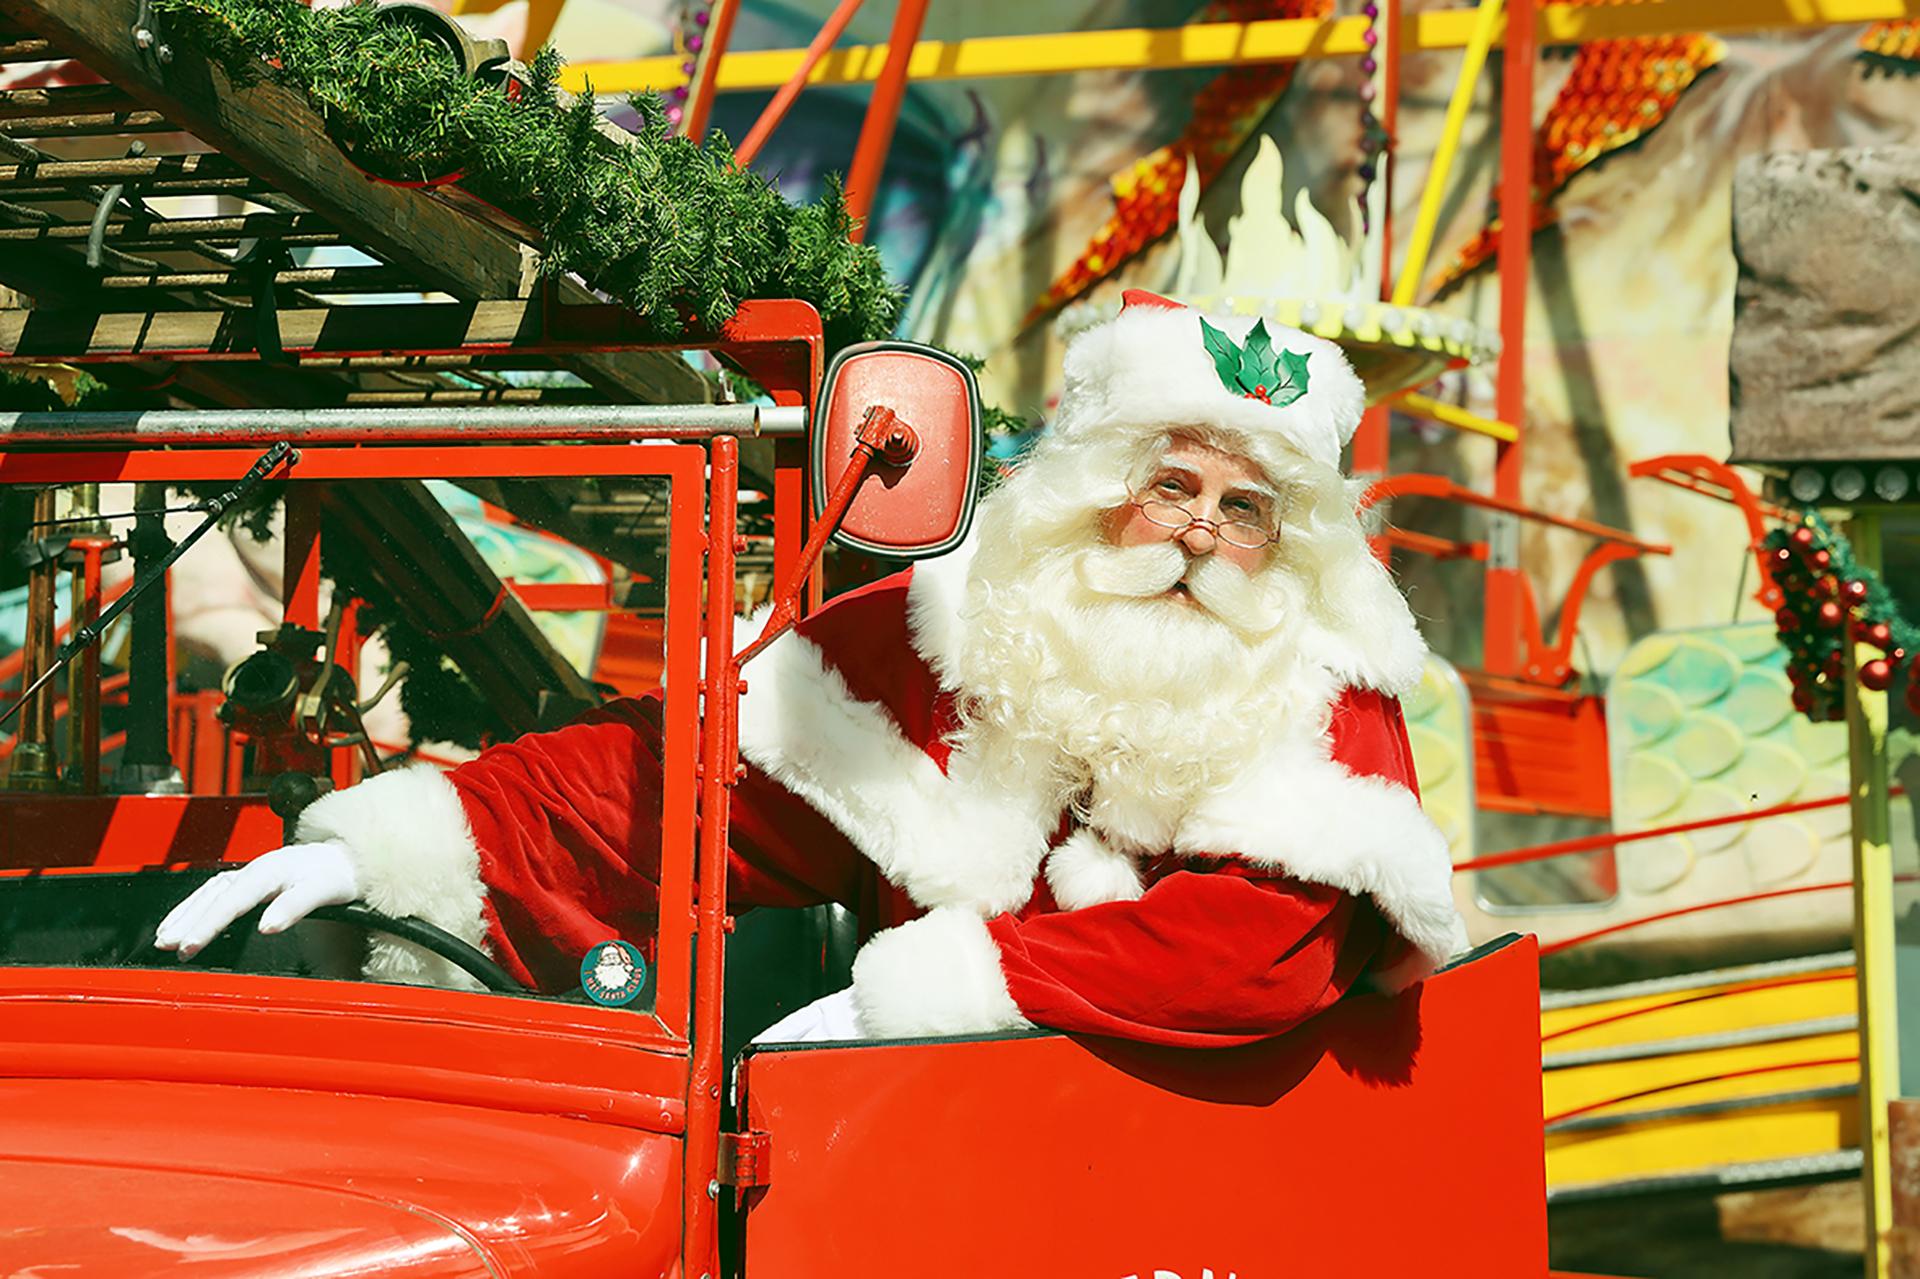 角田明子写真展『サンタさんが いっぱい』